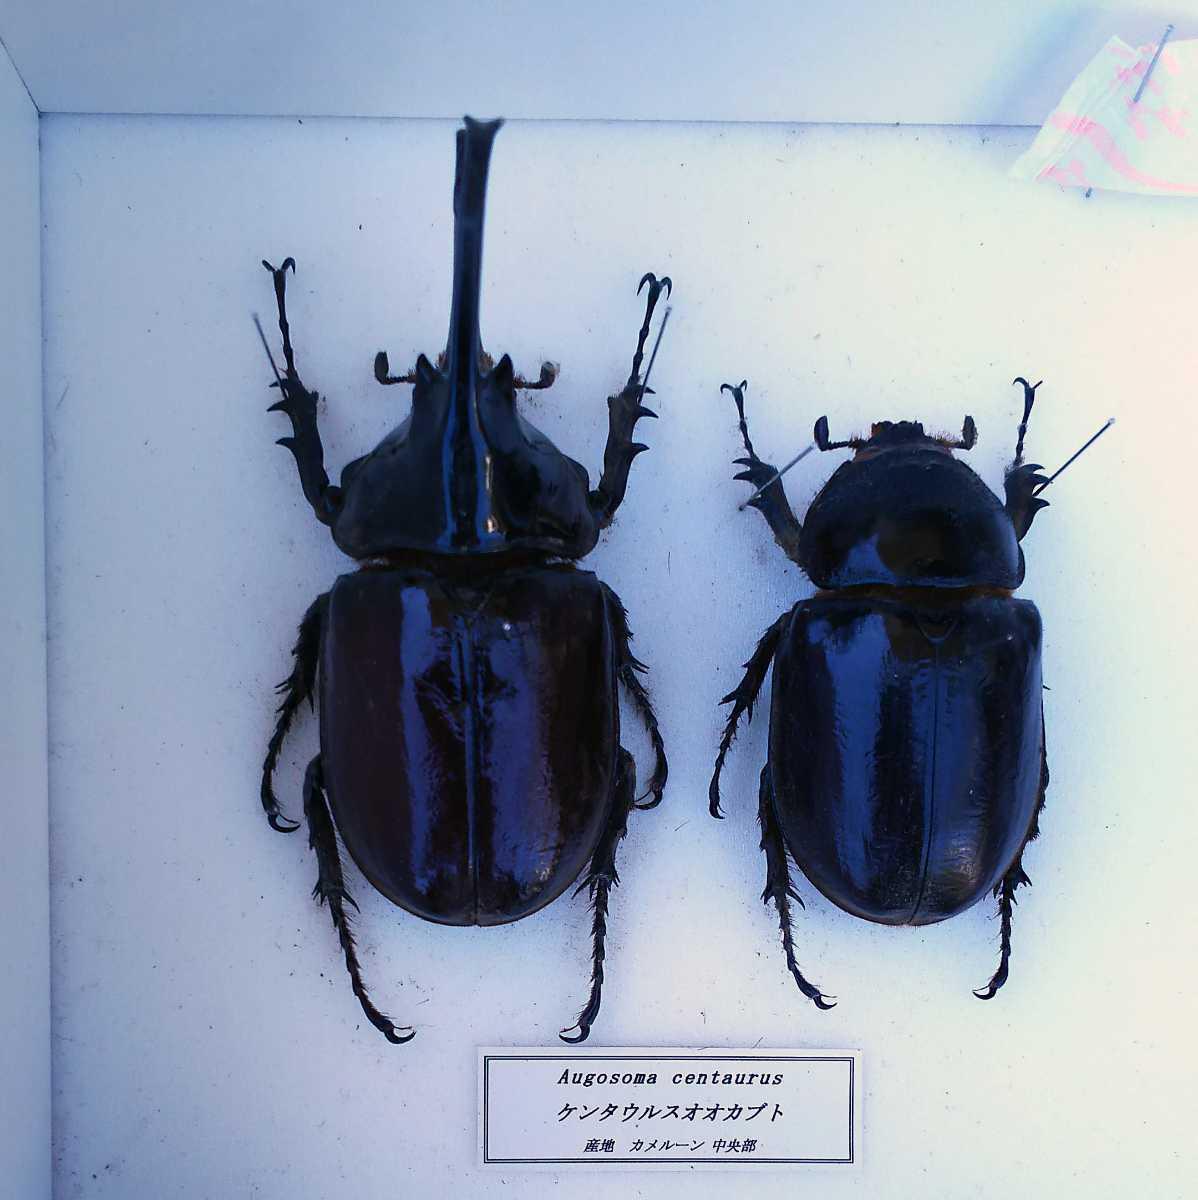 値段交渉OK 昆虫標本 カブトムシ 31頭 ドイツ箱_画像2